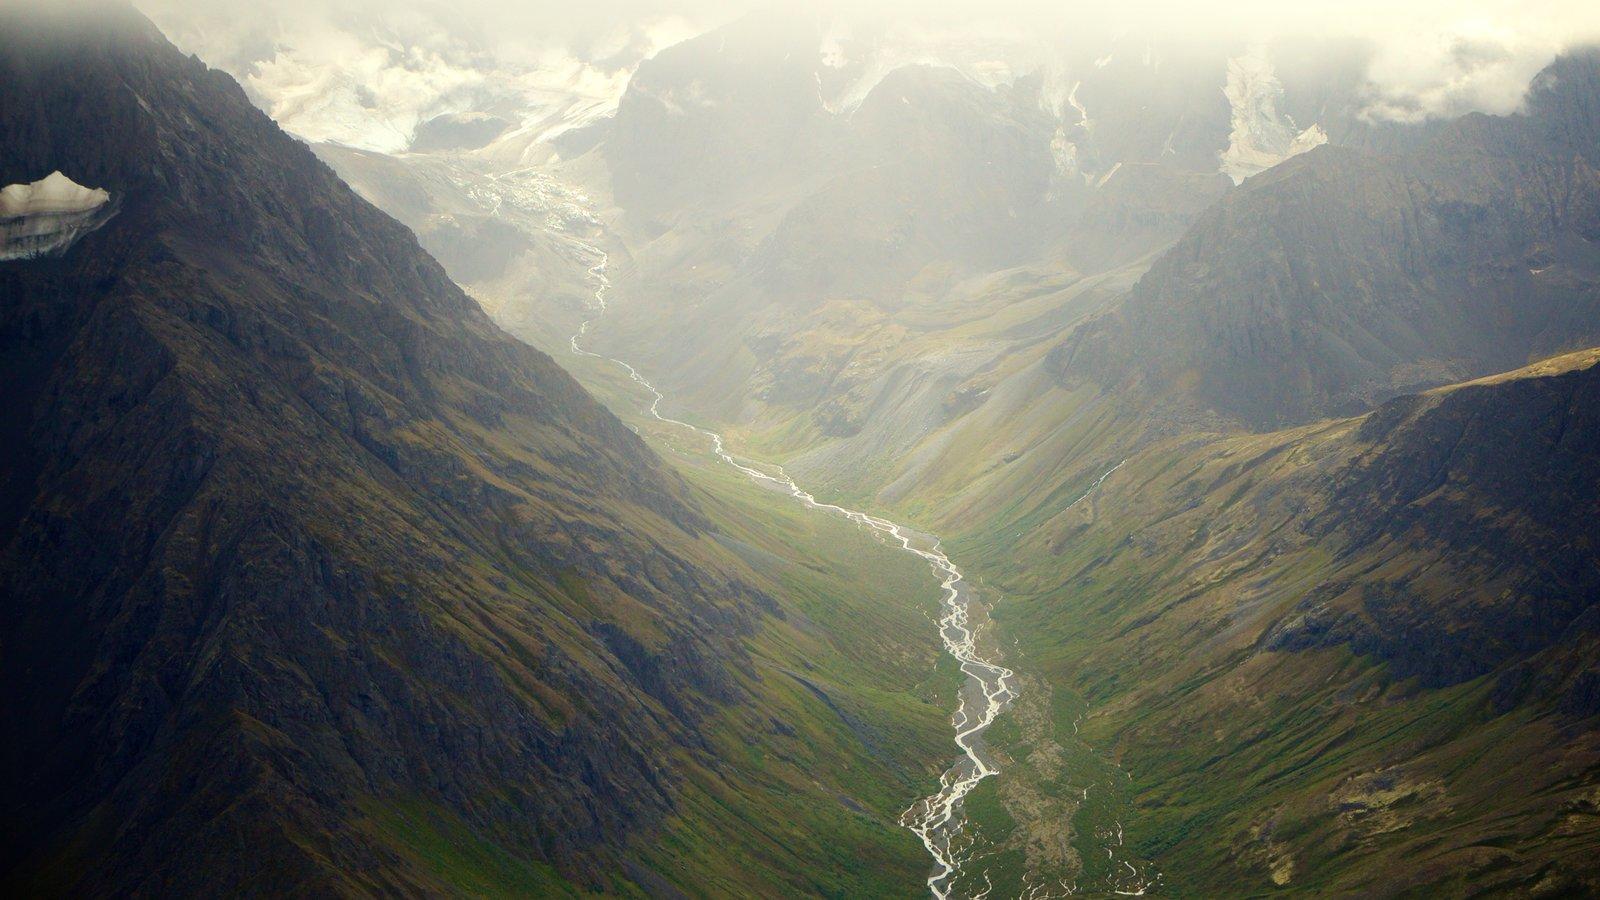 Parque estatal Chugach ofreciendo montañas, un barranco o cañón y un río o arroyo